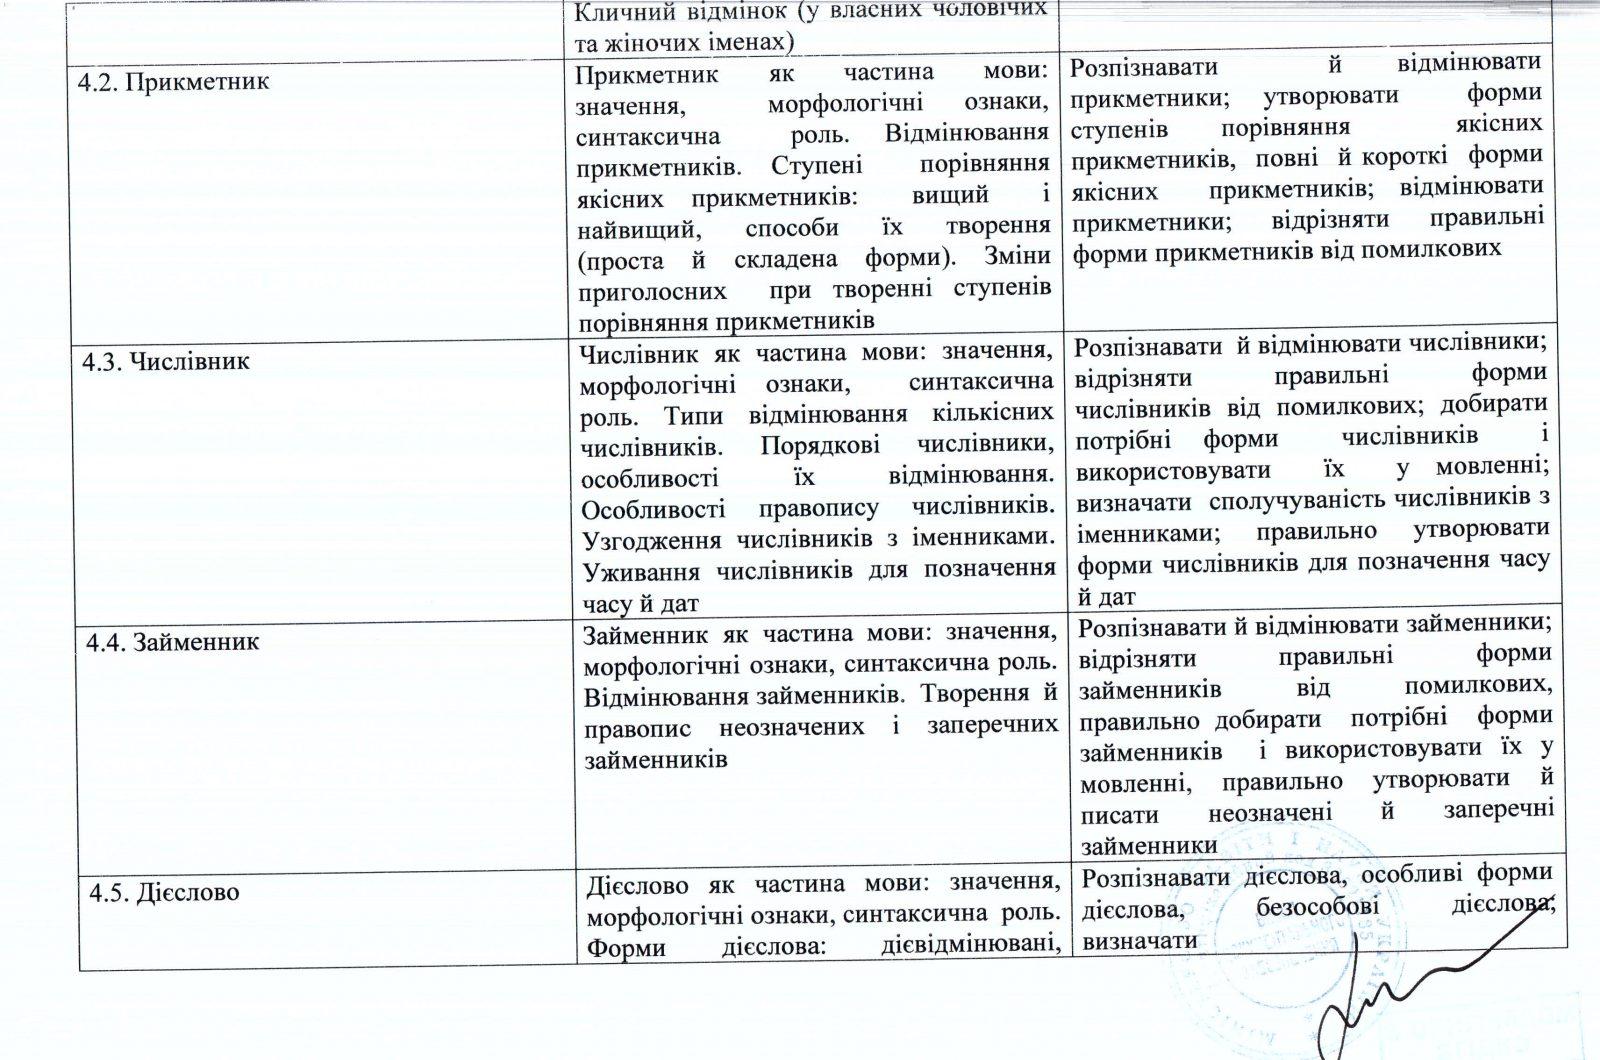 ukr (3)